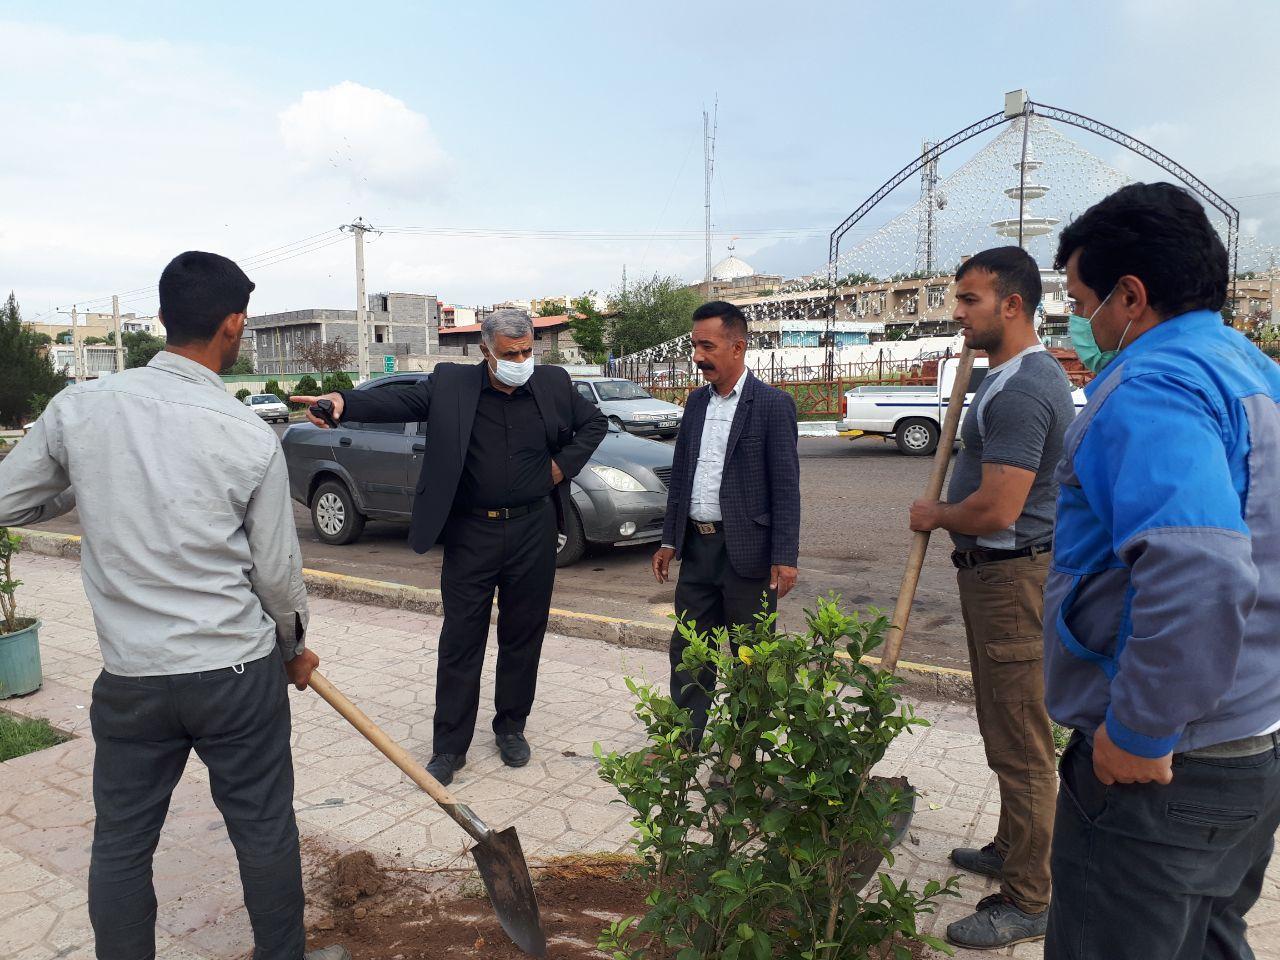 آغاز طرح درختکاری و زیباسازی شهری در لوشان